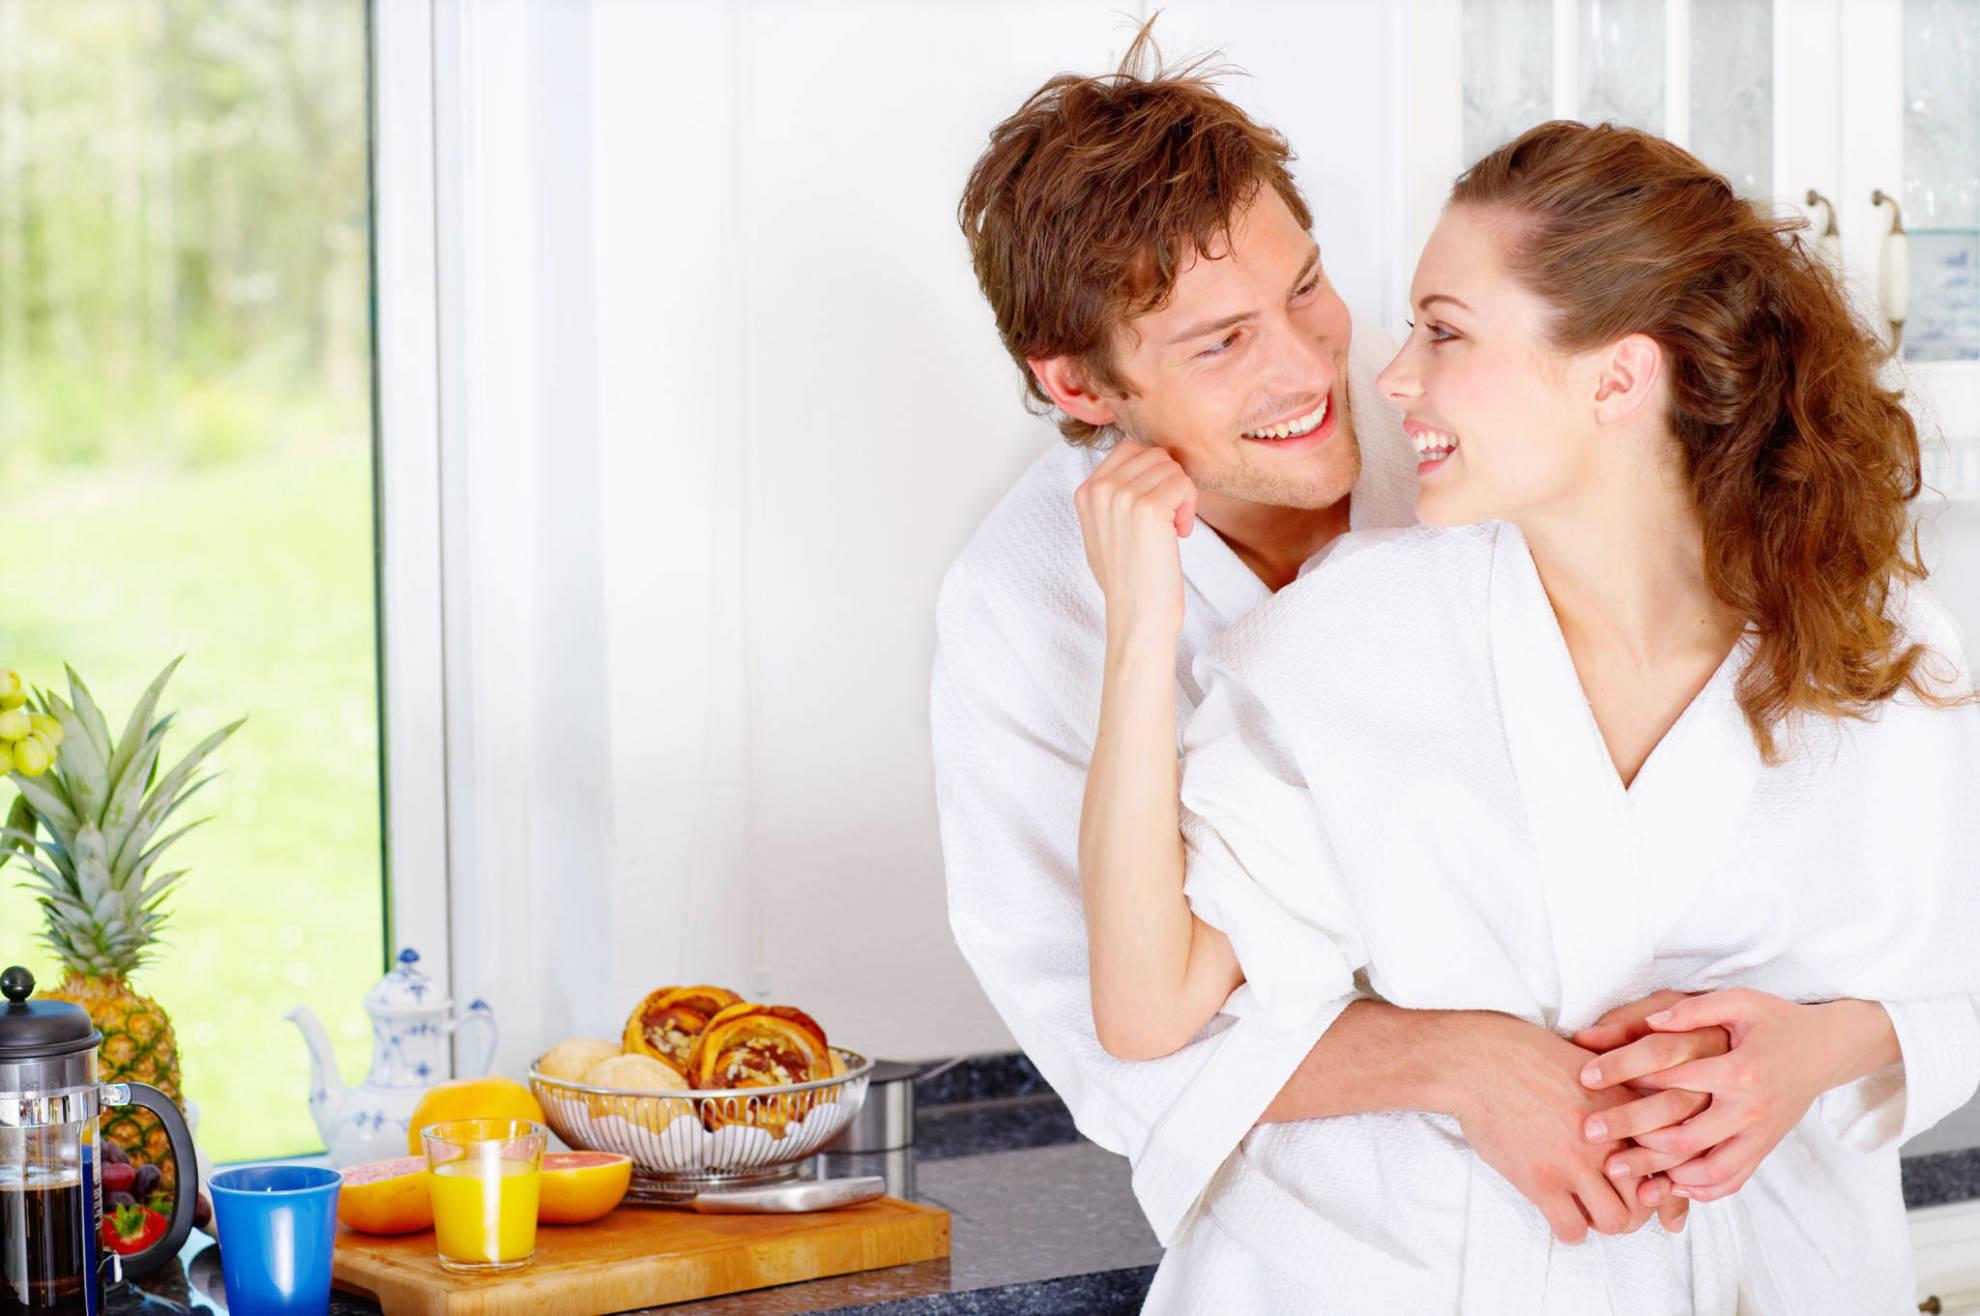 Как сделать приятное любимому парню, что нравиться мужчинам 2